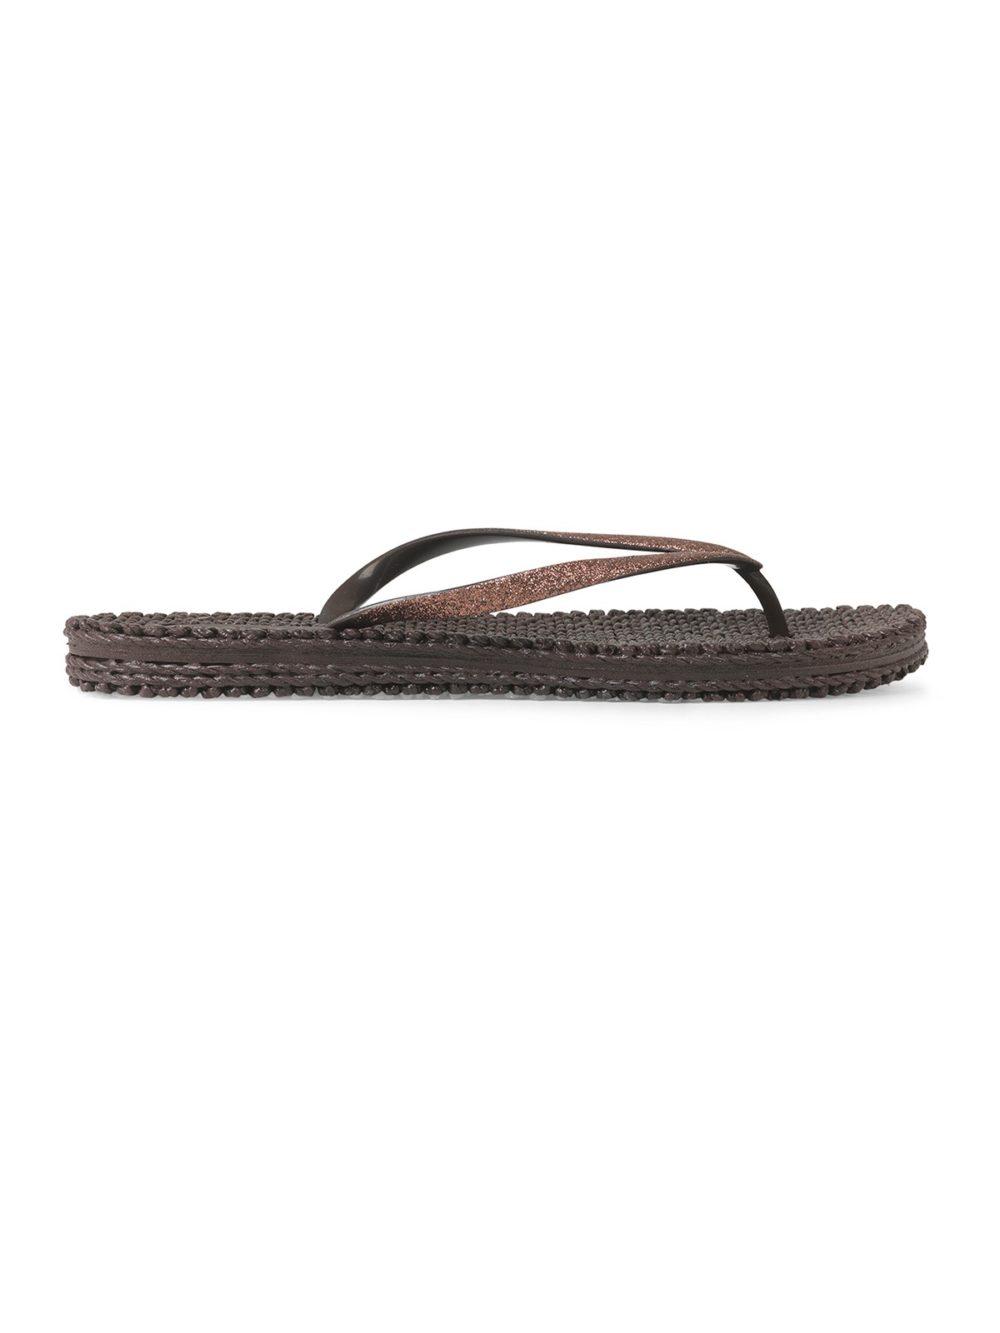 Cheerful Flipflops Ilse Jacobsen Katie Kerr Women's Sandals